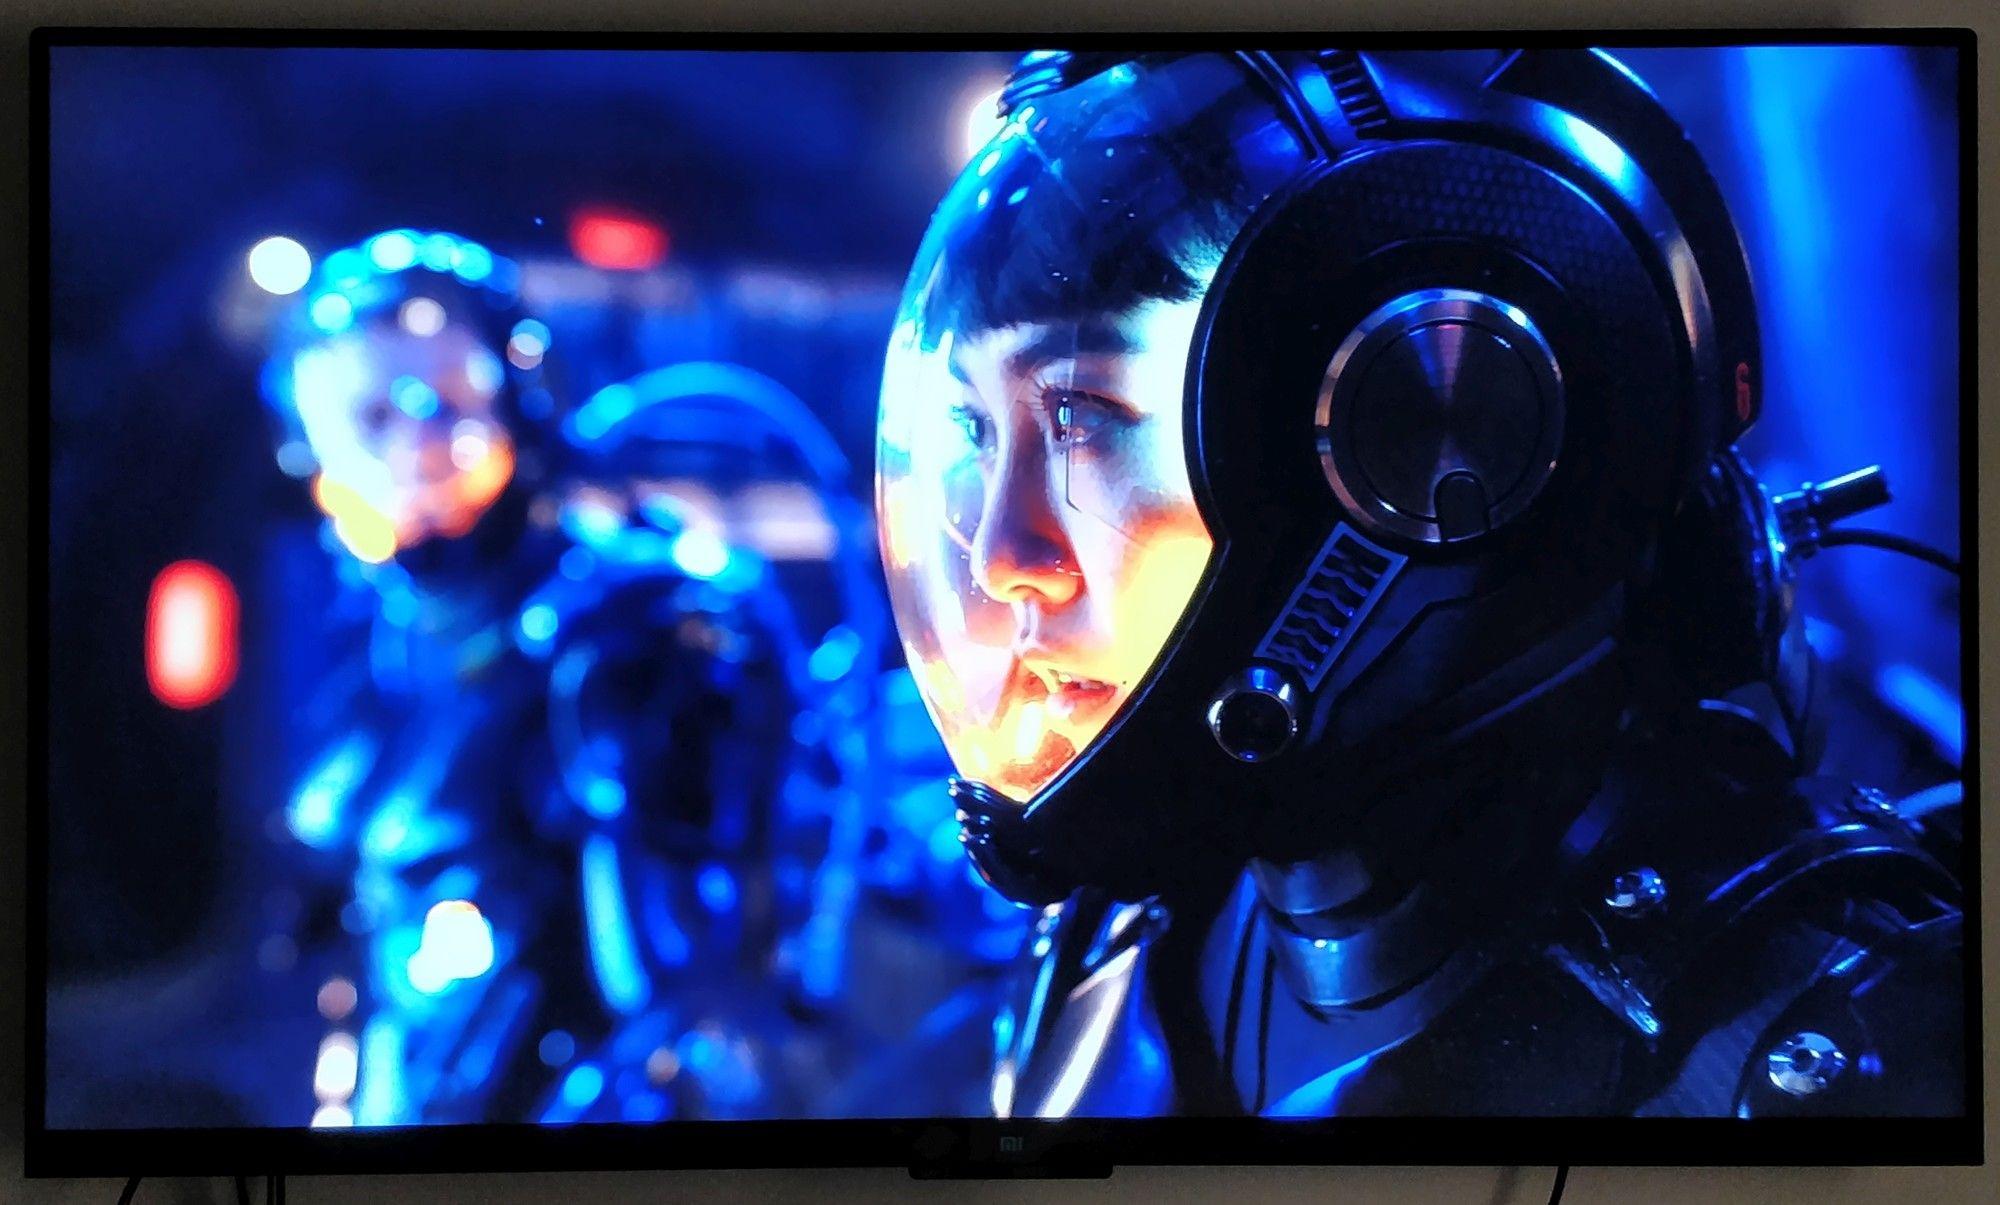 Xiaomi Mi TV 4 UHD HDR Blu-ray